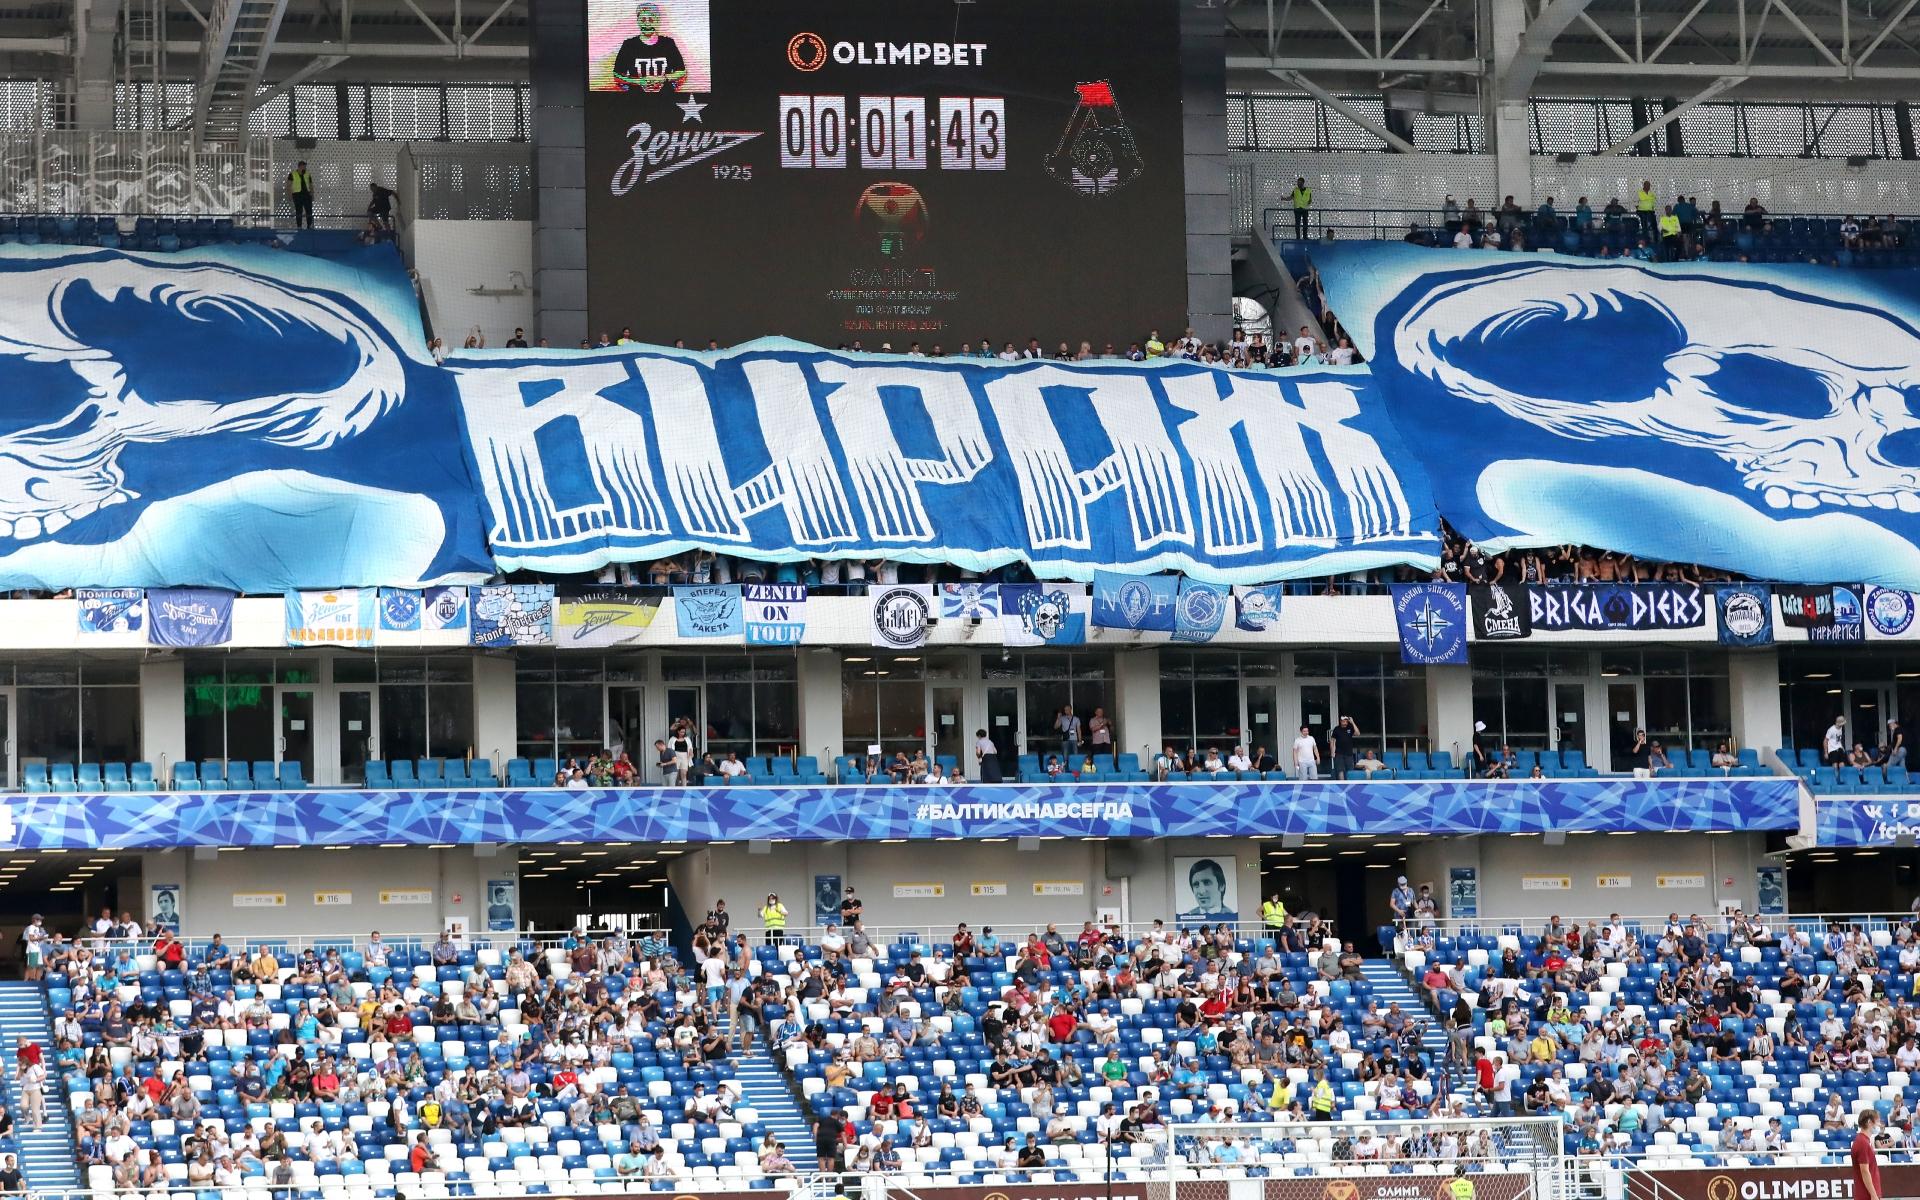 Фото: Болельщики на матче за Суперкубок России (Антон Новодережкин/ТАСС)